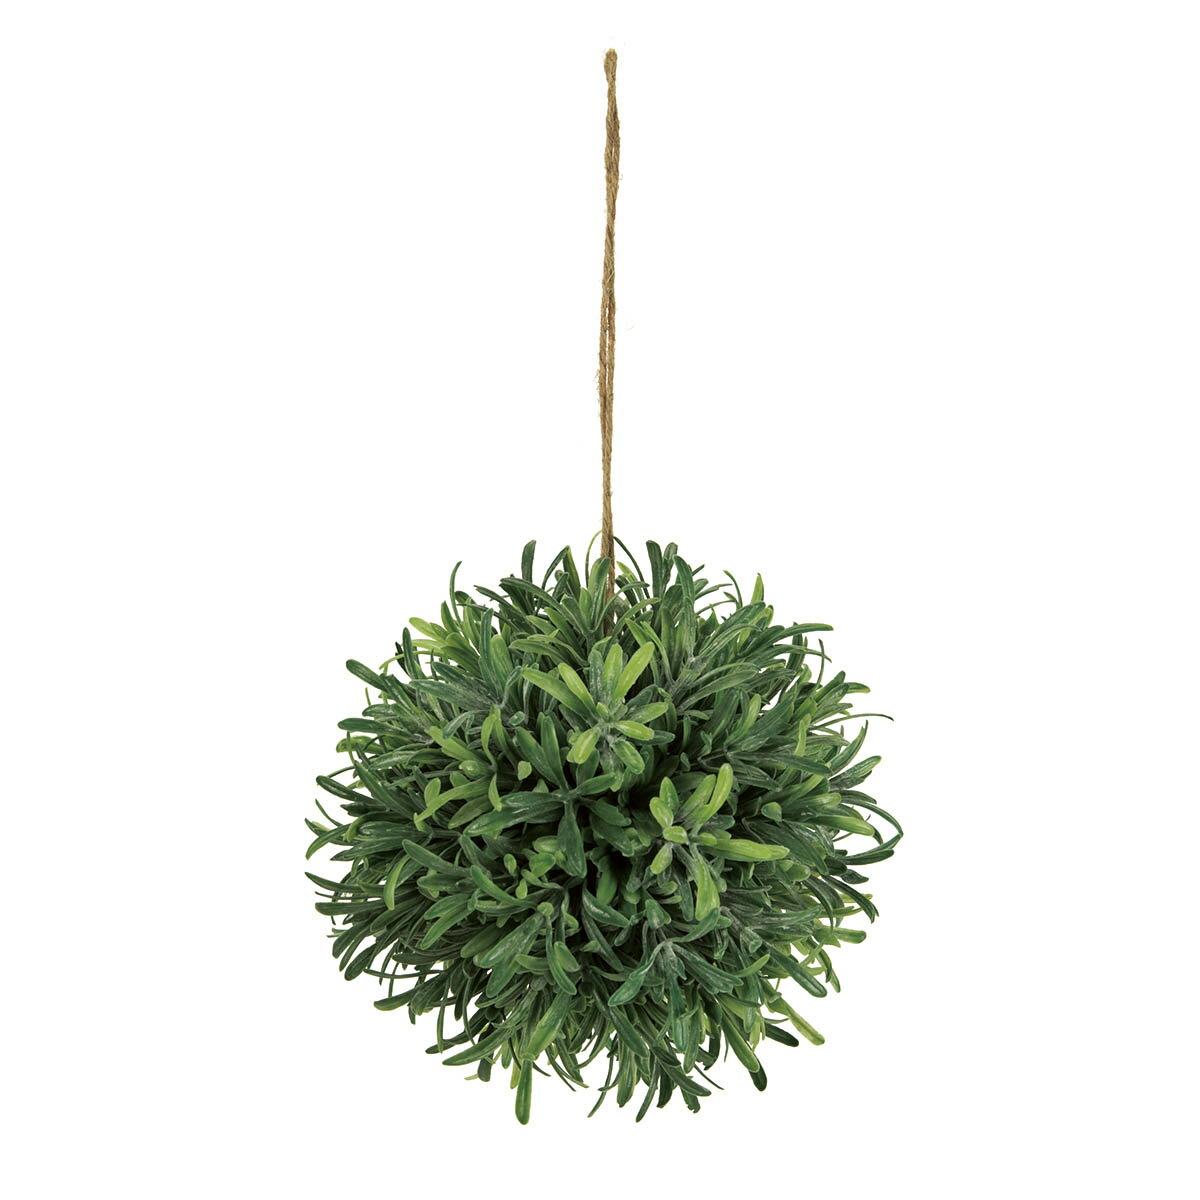 【造花】MAGIQ(東京堂)/パウダーローズマリーボールM グリーン/FG001557【01】【取寄】《 造花(アーティフィシャルフラワー) 造花葉物、フェイクグリーン ハーブ 》